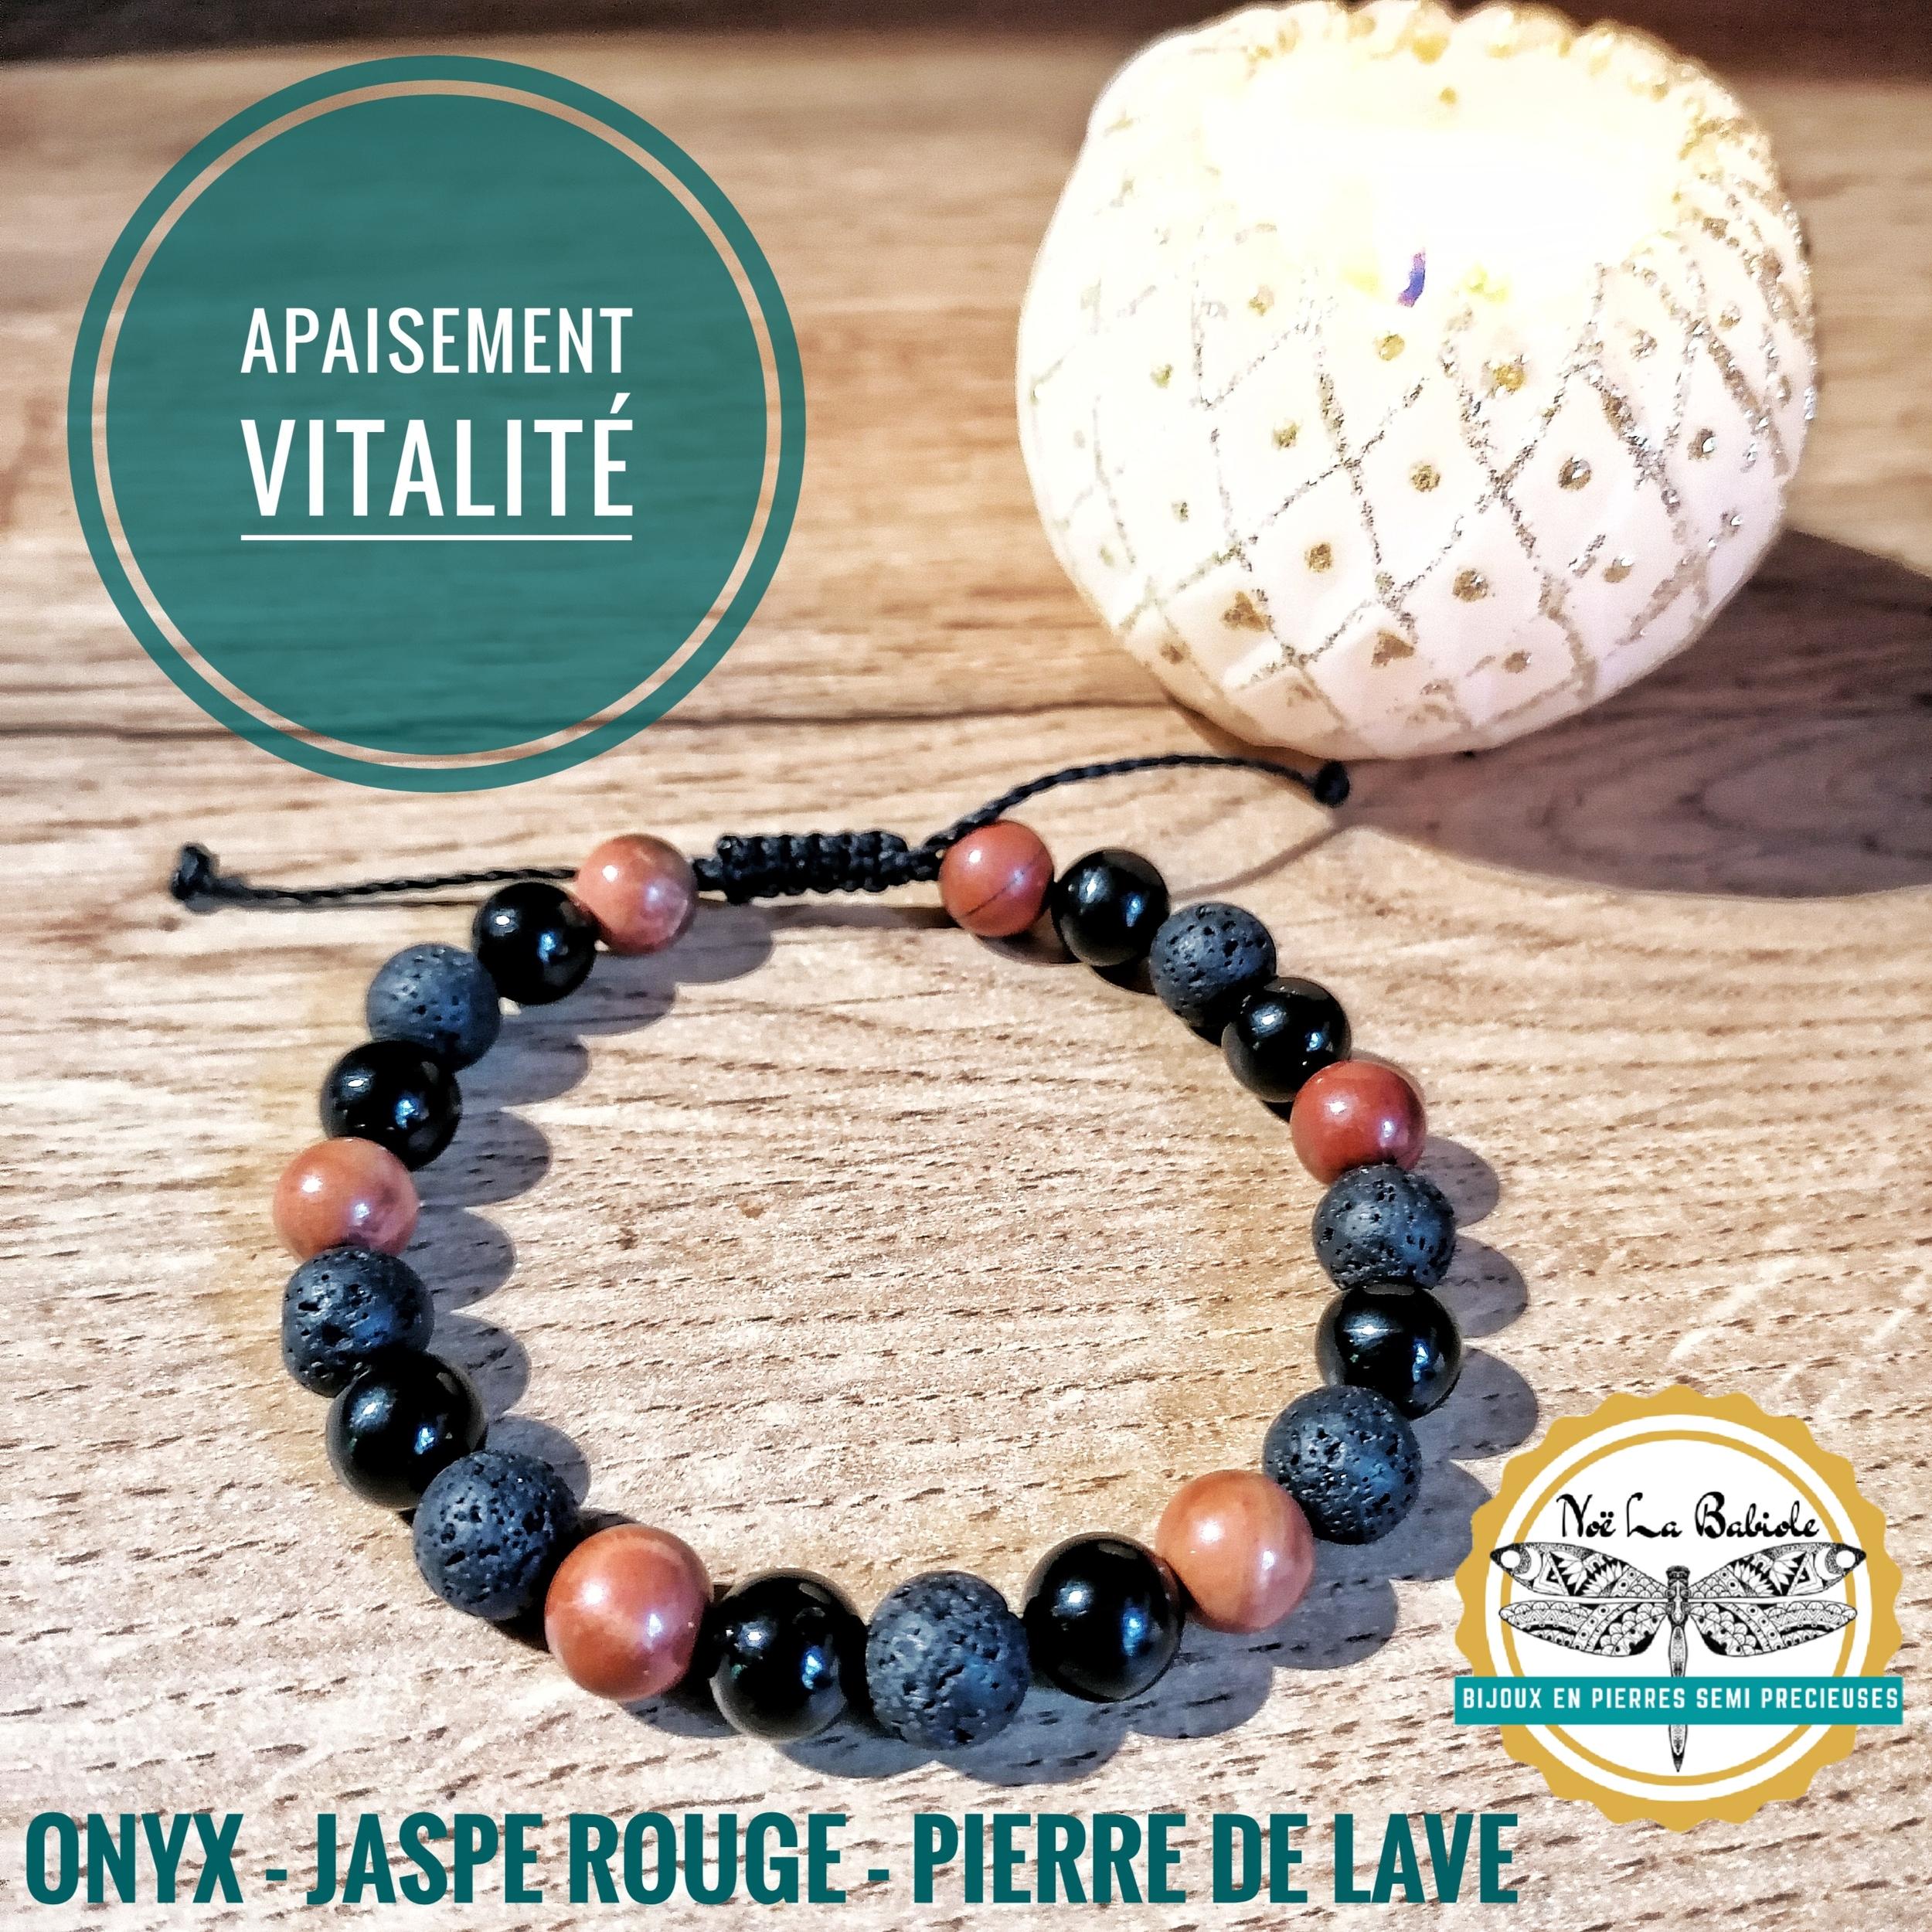 Bracelet Apaisement & Vitalité en Onyx, Jaspe rouge et Pierre de lave